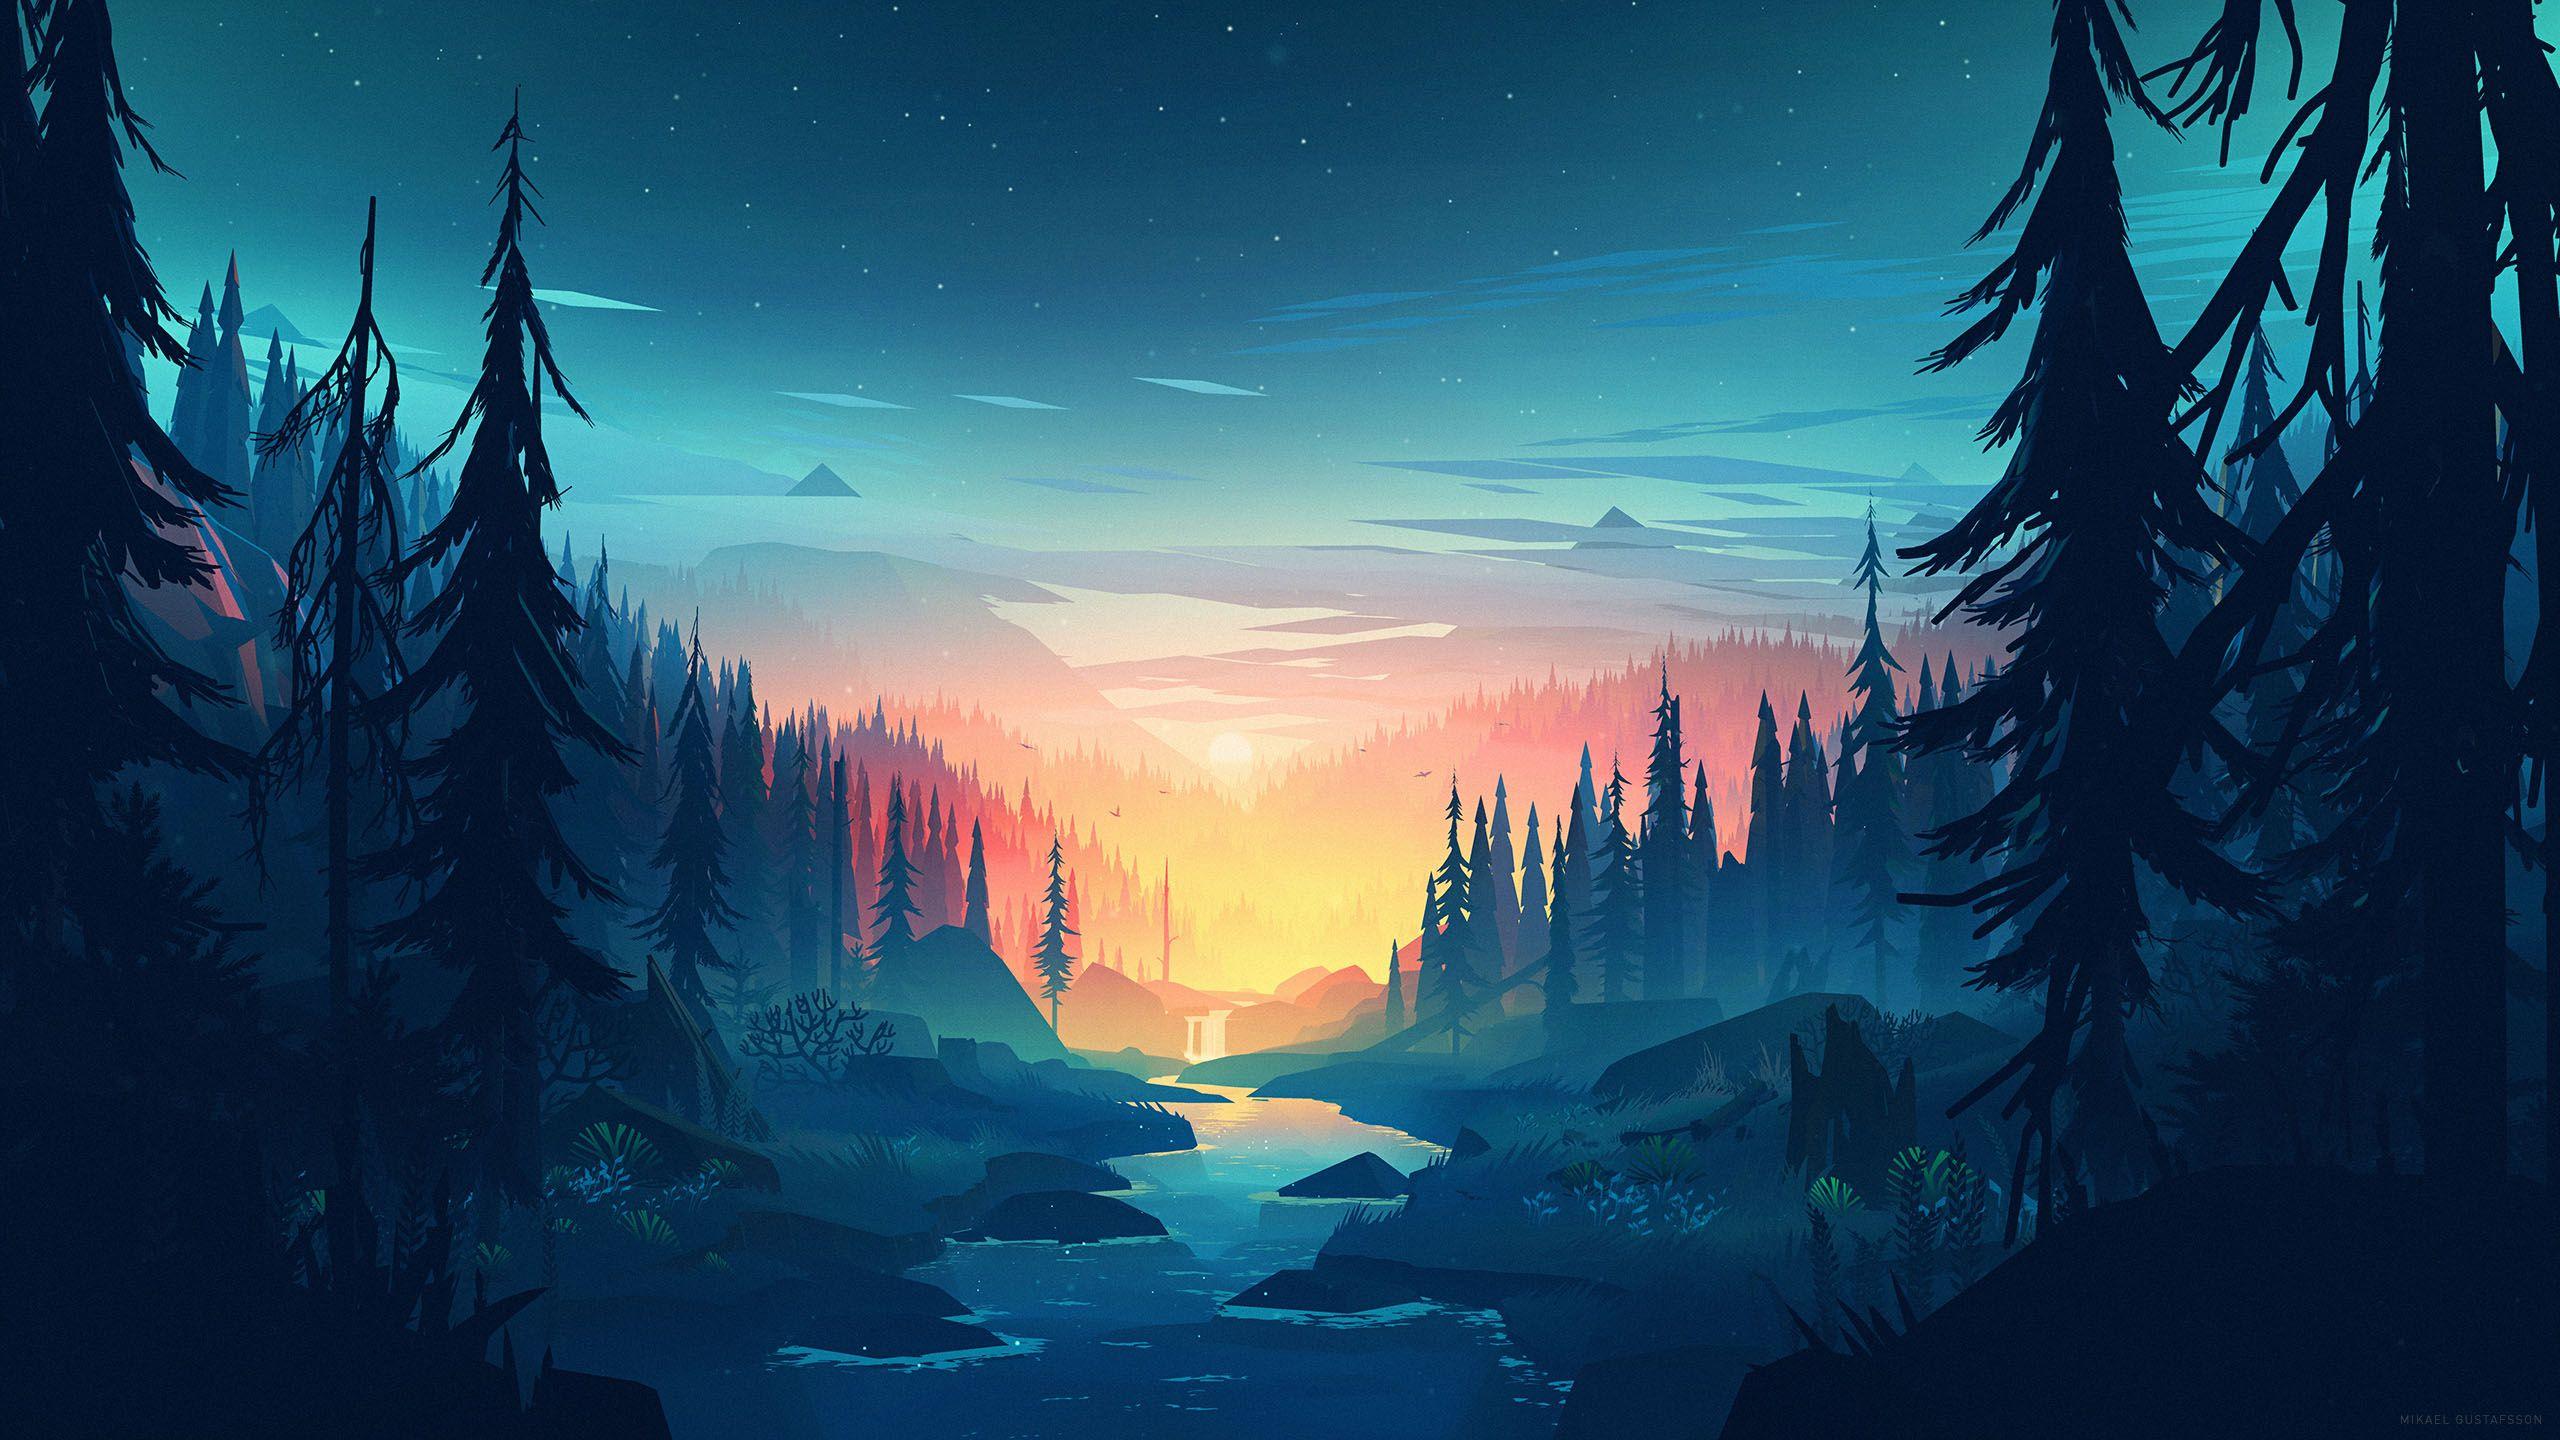 Sunset [2560x1440] Desktop wallpaper art, Landscape